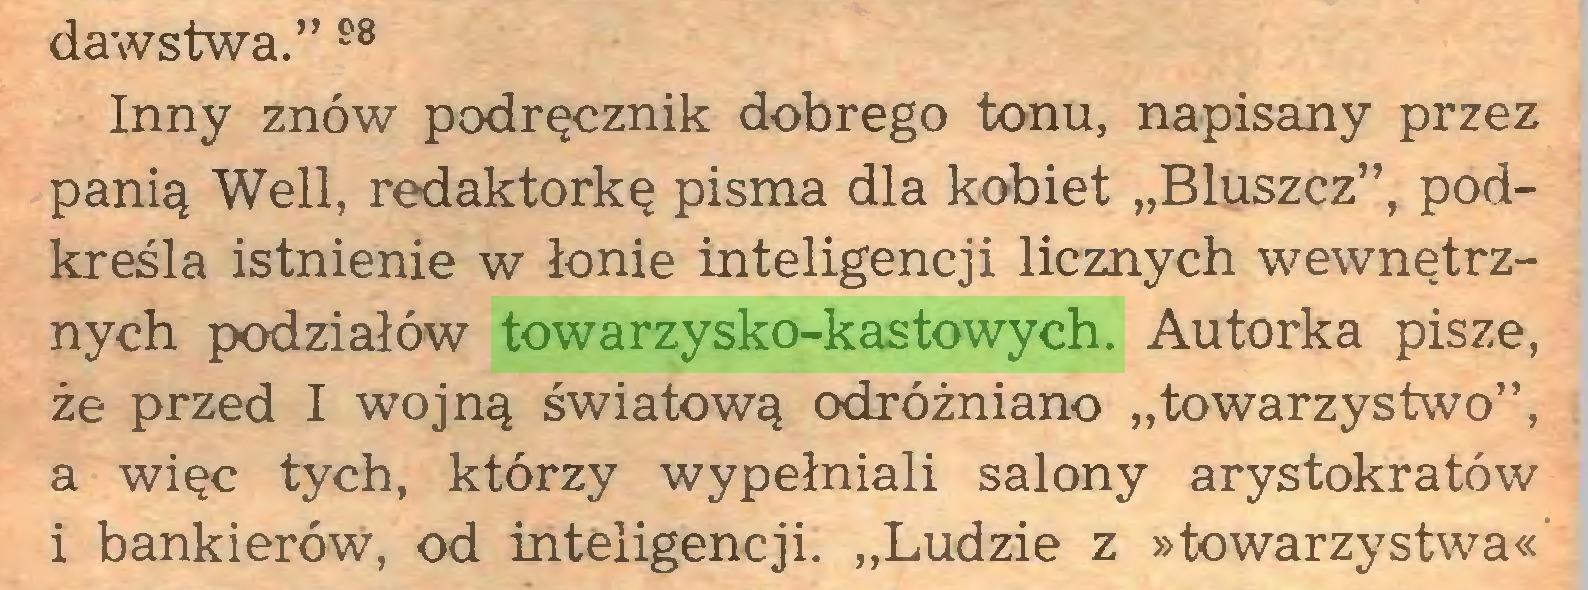 """(...) dawstwa."""" 98 Inny znów podręcznik dobrego tonu, napisany przez panią Weil, redaktorkę pisma dla kobiet """"Bluszcz"""", podkreśla istnienie w łonie inteligencji licznych wewnętrznych podziałów towarzysko-kastowych. Autorka pisze, że przed I wojną światową odróżniano """"towarzystwo"""", a więc tych, którzy wypełniali salony arystokratów i bankierów, od inteligencji. """"Ludzie z »towarzystwa«..."""